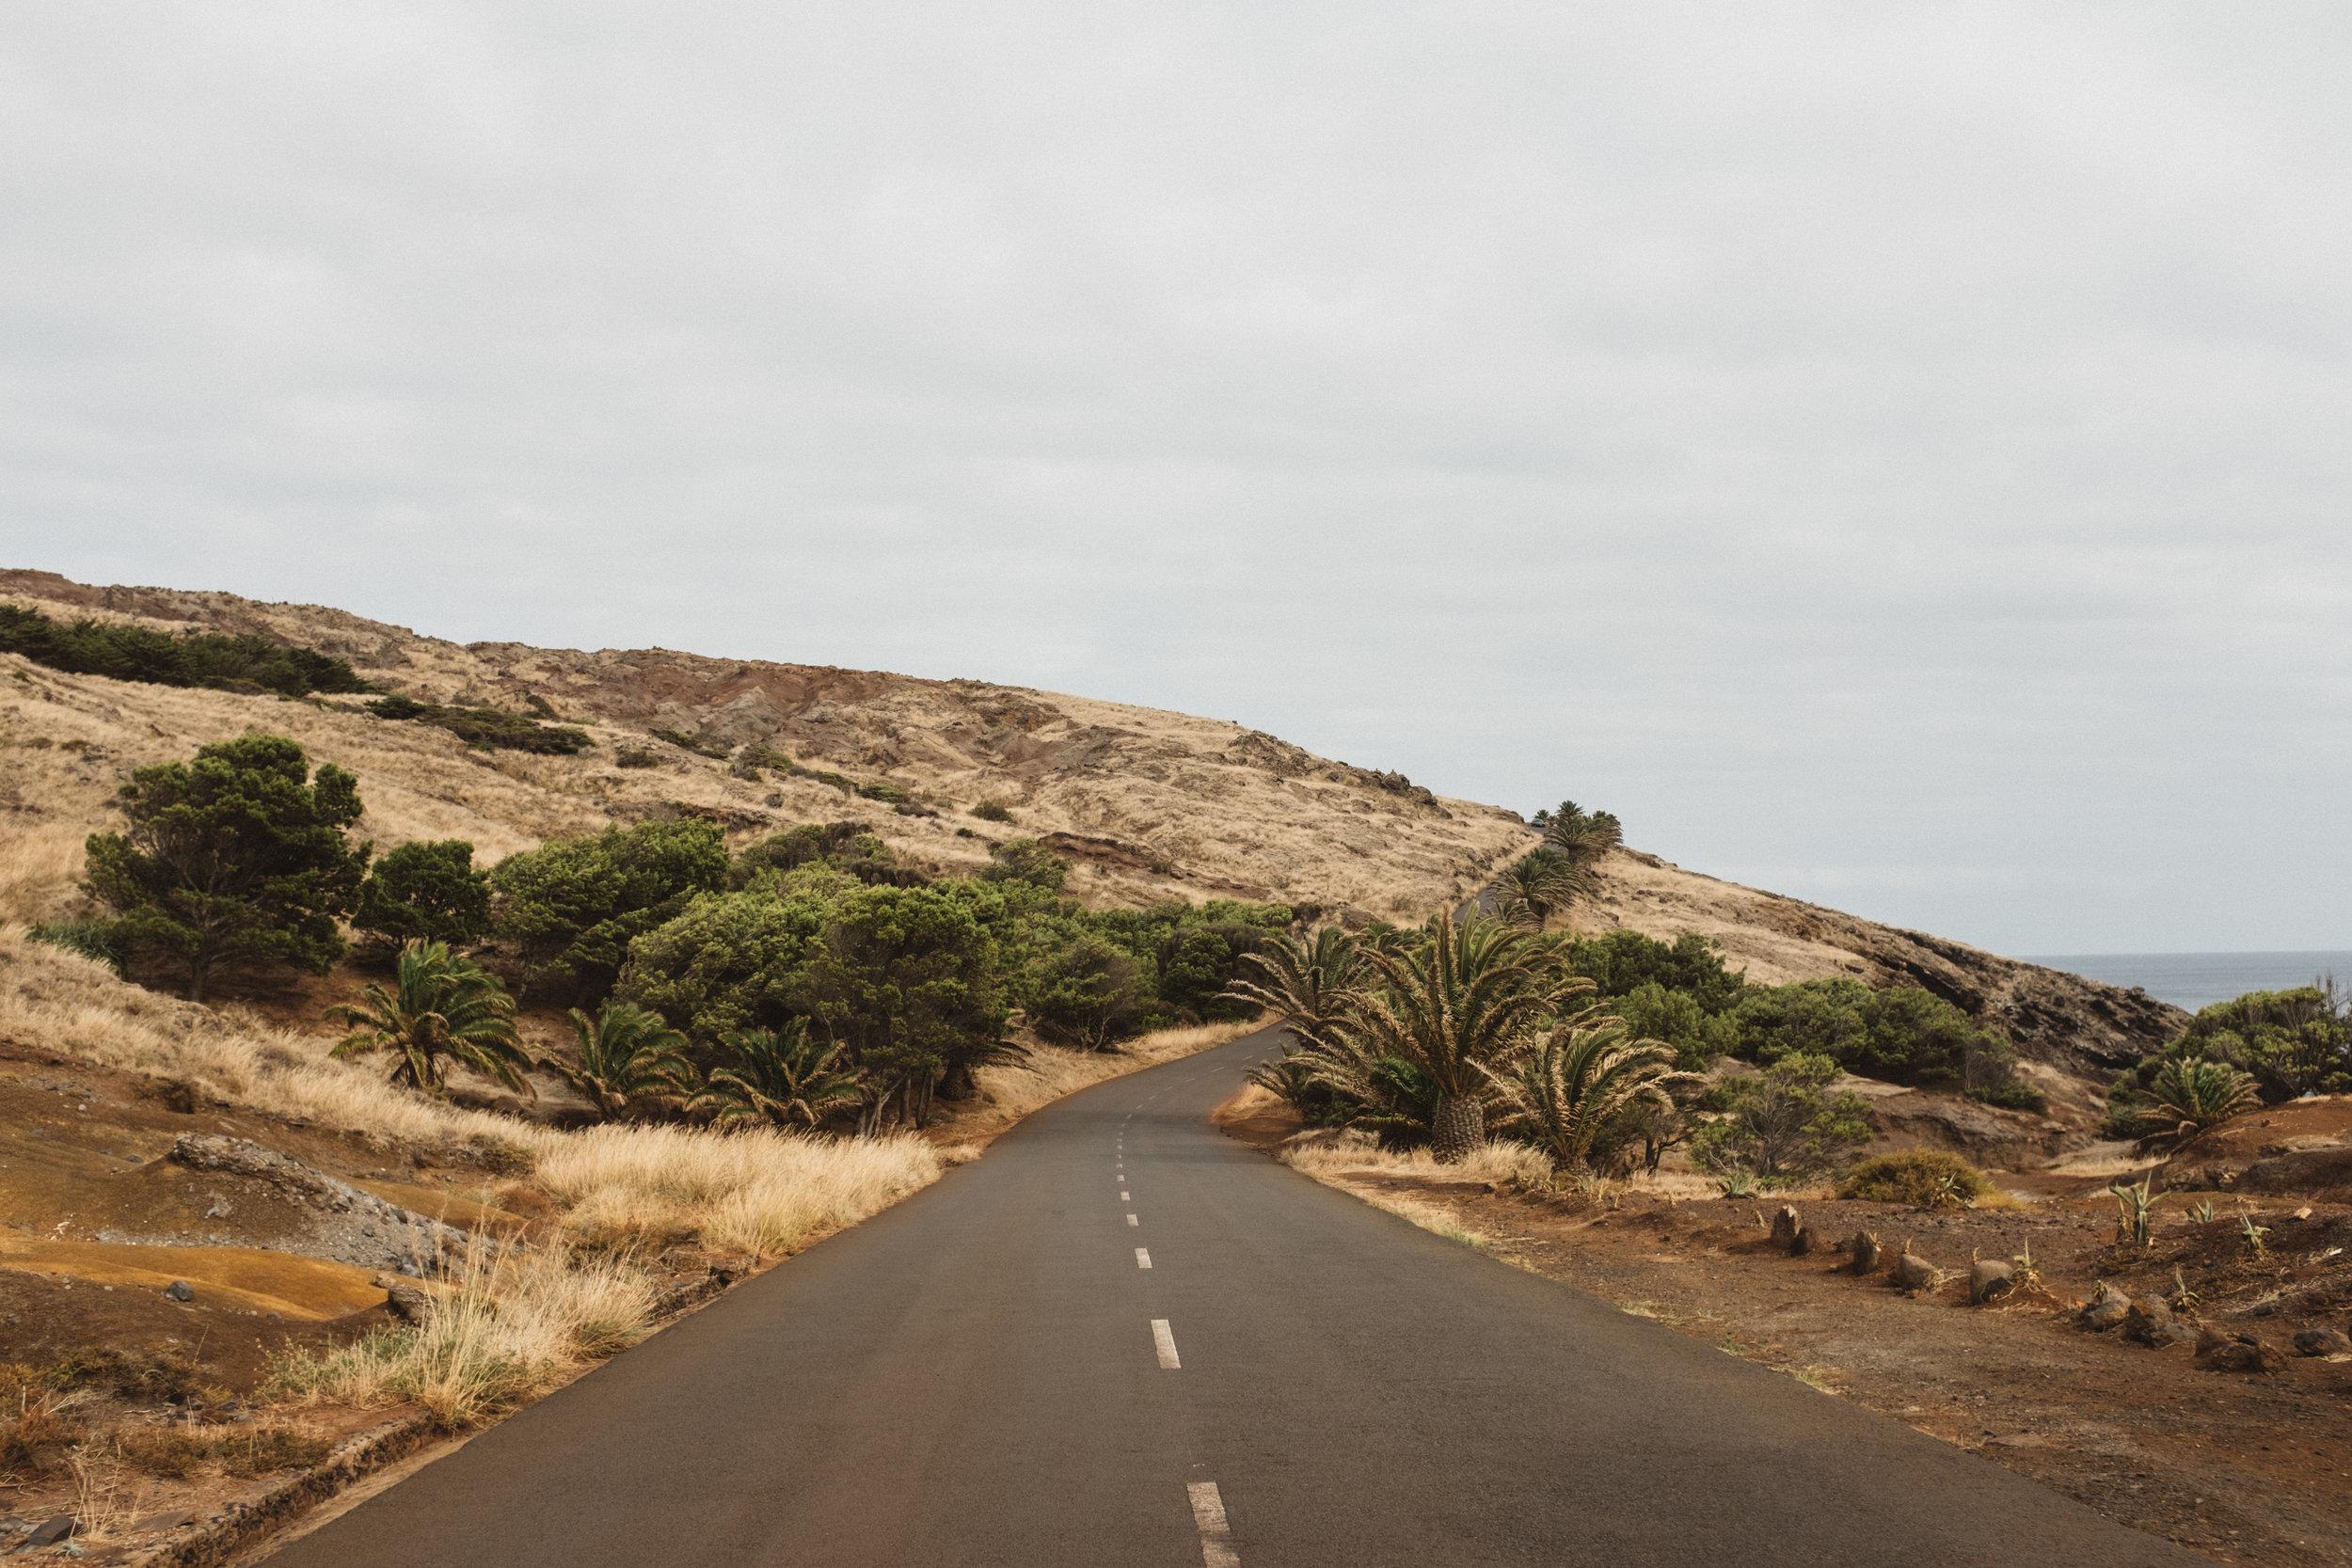 road_23.jpg